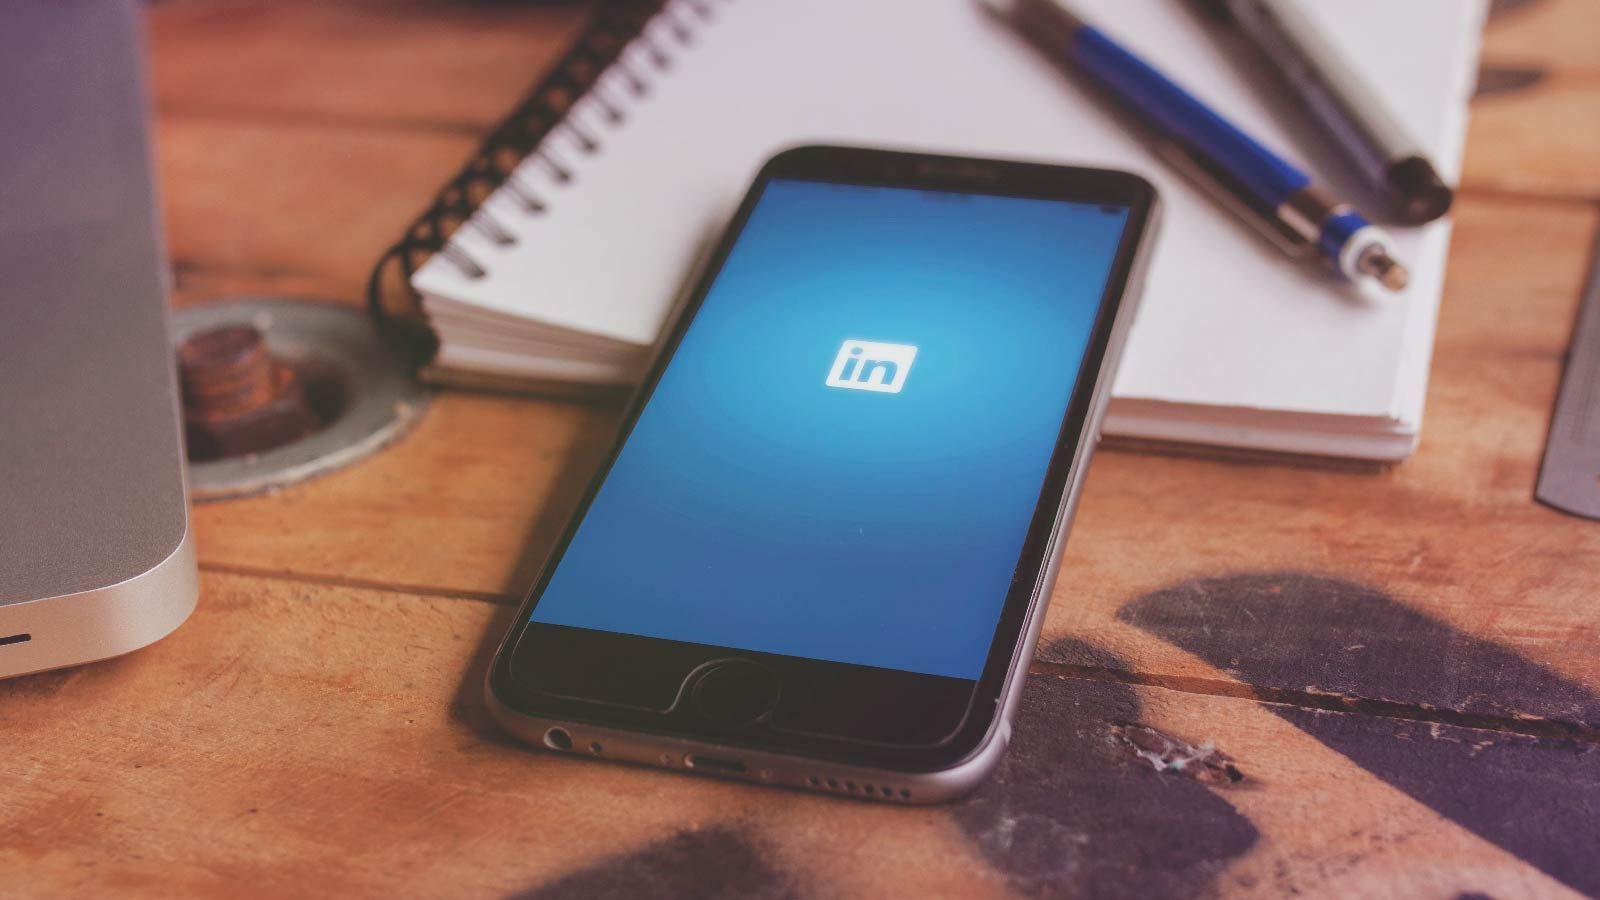 Pin on Social Media Updates